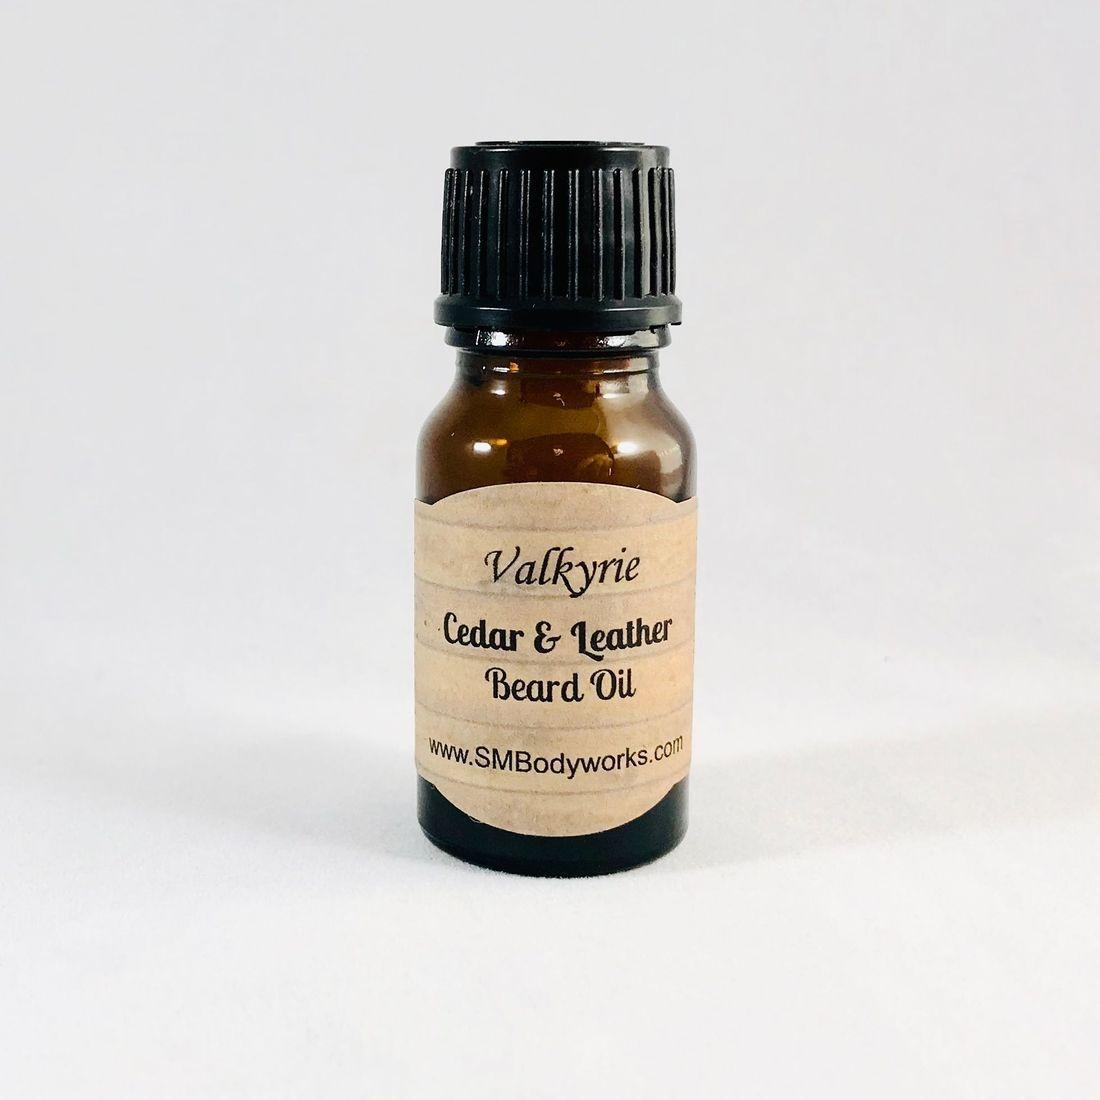 Cedar & Leather Sampler, Balm, Beard Oil,